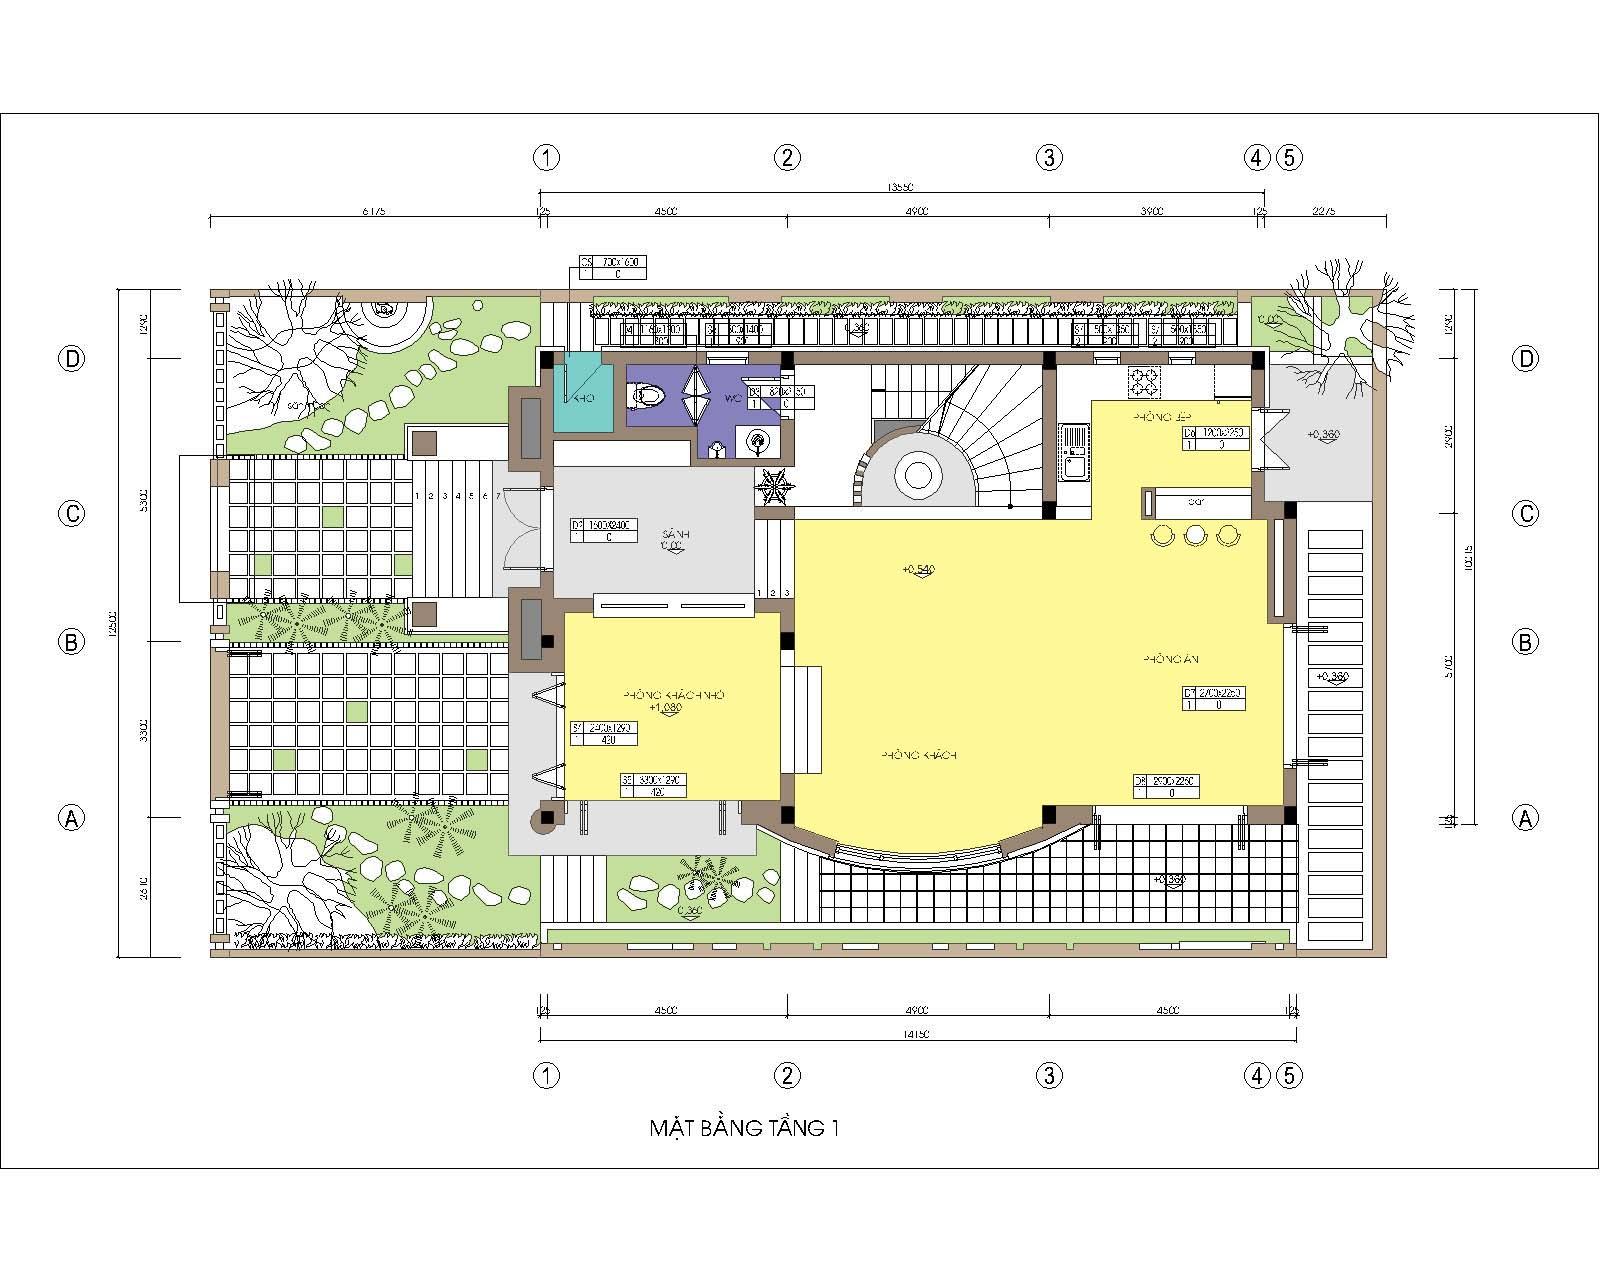 Biệt thự / nhà vườn 10x15m trên đất 13x22m - Mặt bằng tầng 1